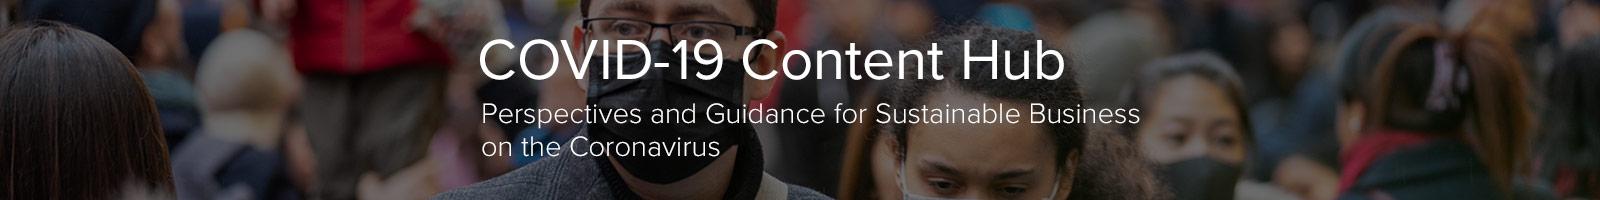 COVID-19 content hub